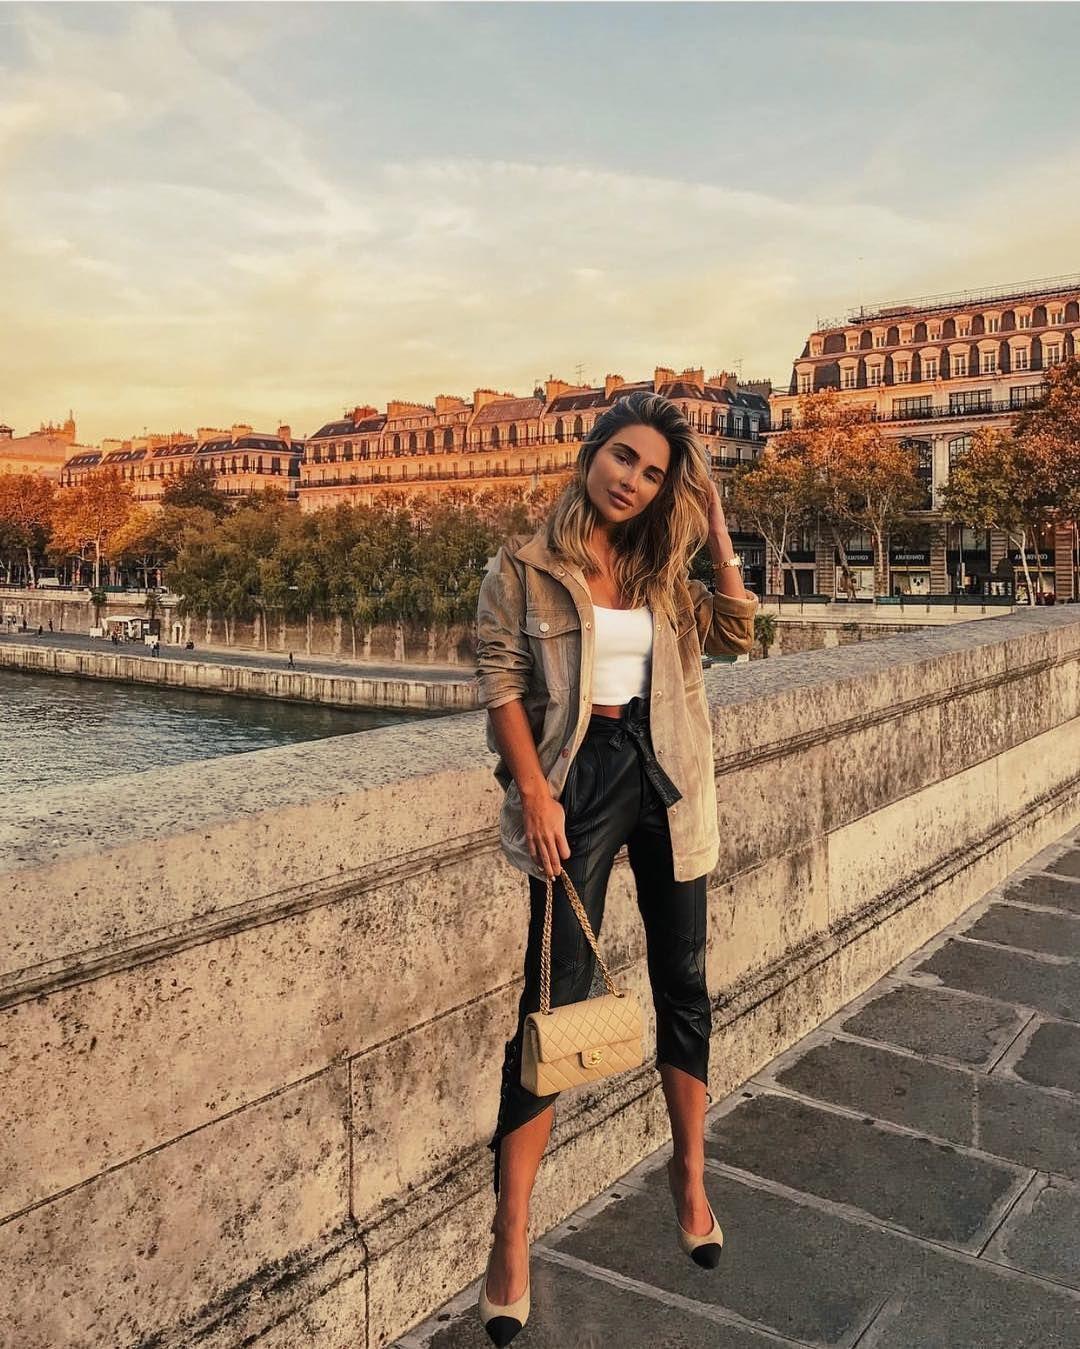 Ketahuan Foto Editan, Influencer Ini Dituding Lakukan 'Fake Traveling'